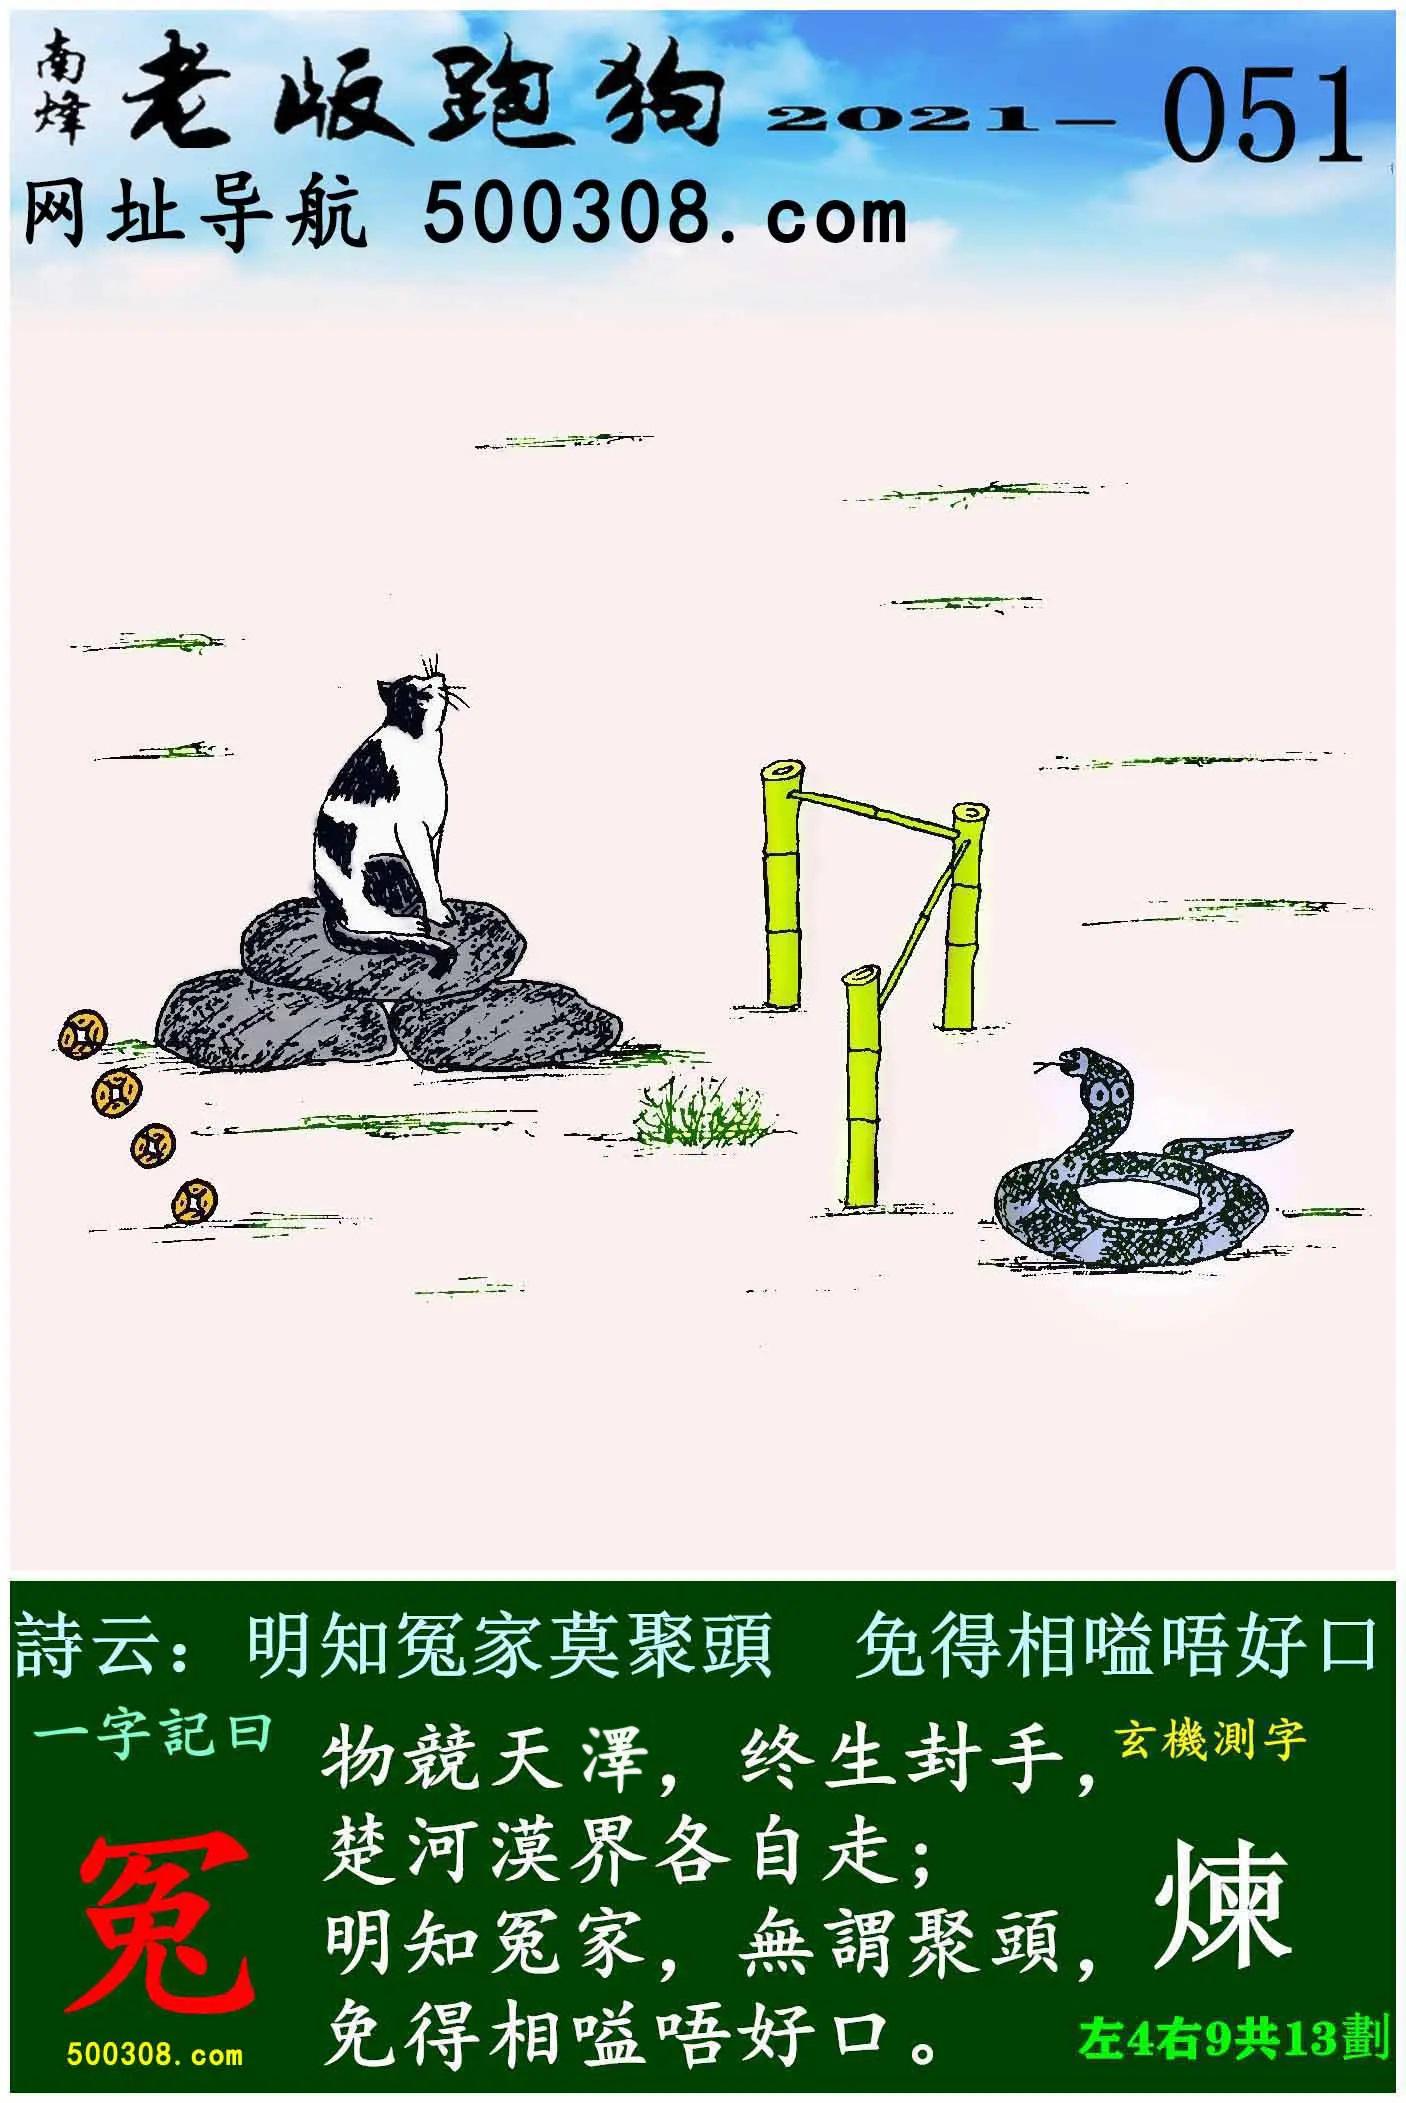 051期老版跑狗一字�之曰:【冤】_��:明知冤家莫聚�^,免得相嗌唔好口。